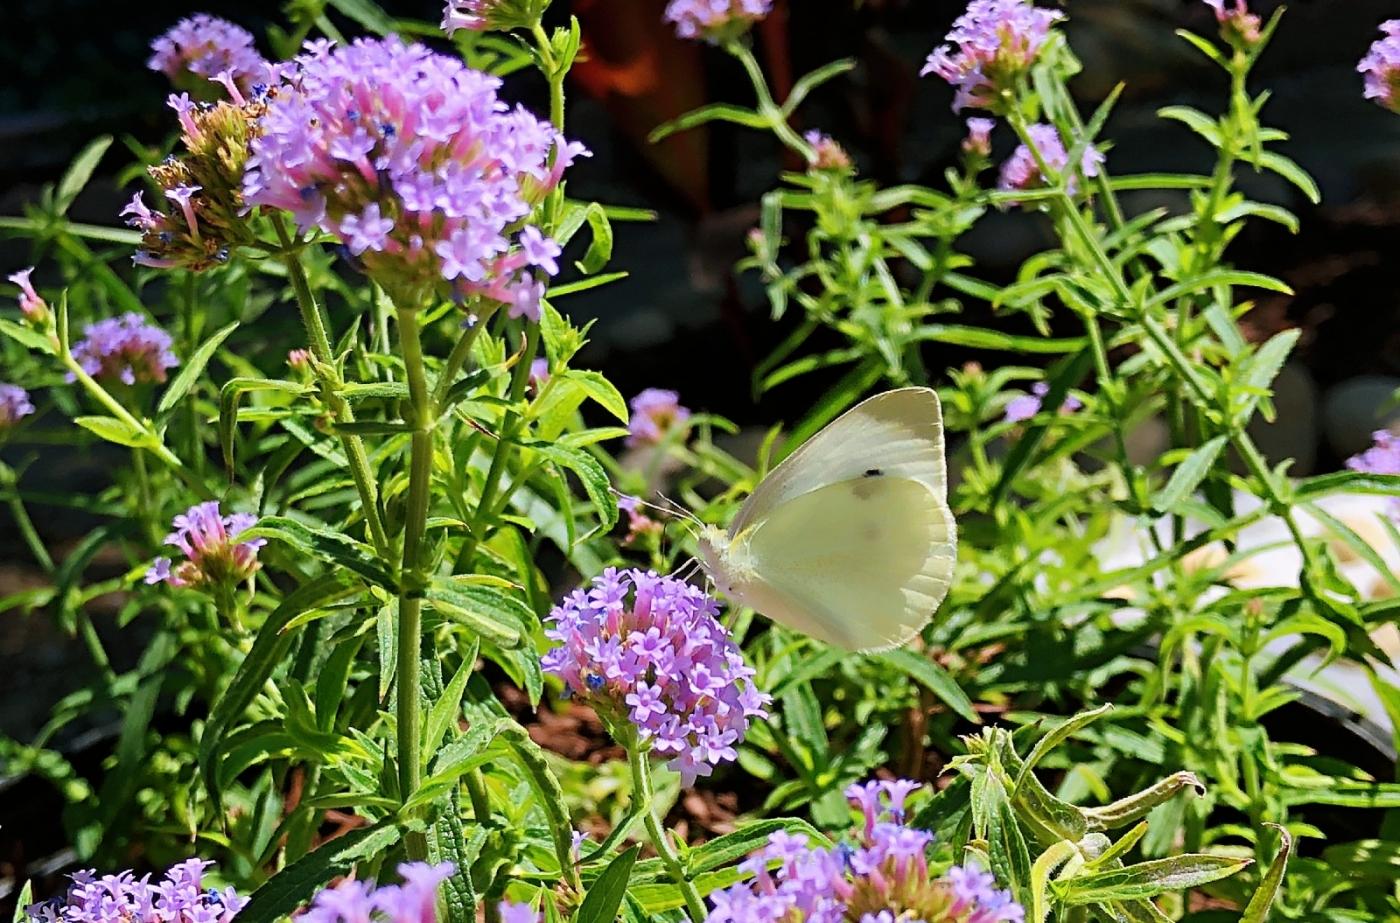 【田螺随拍】我种了马鞭草蝴蝶就来了_图1-14